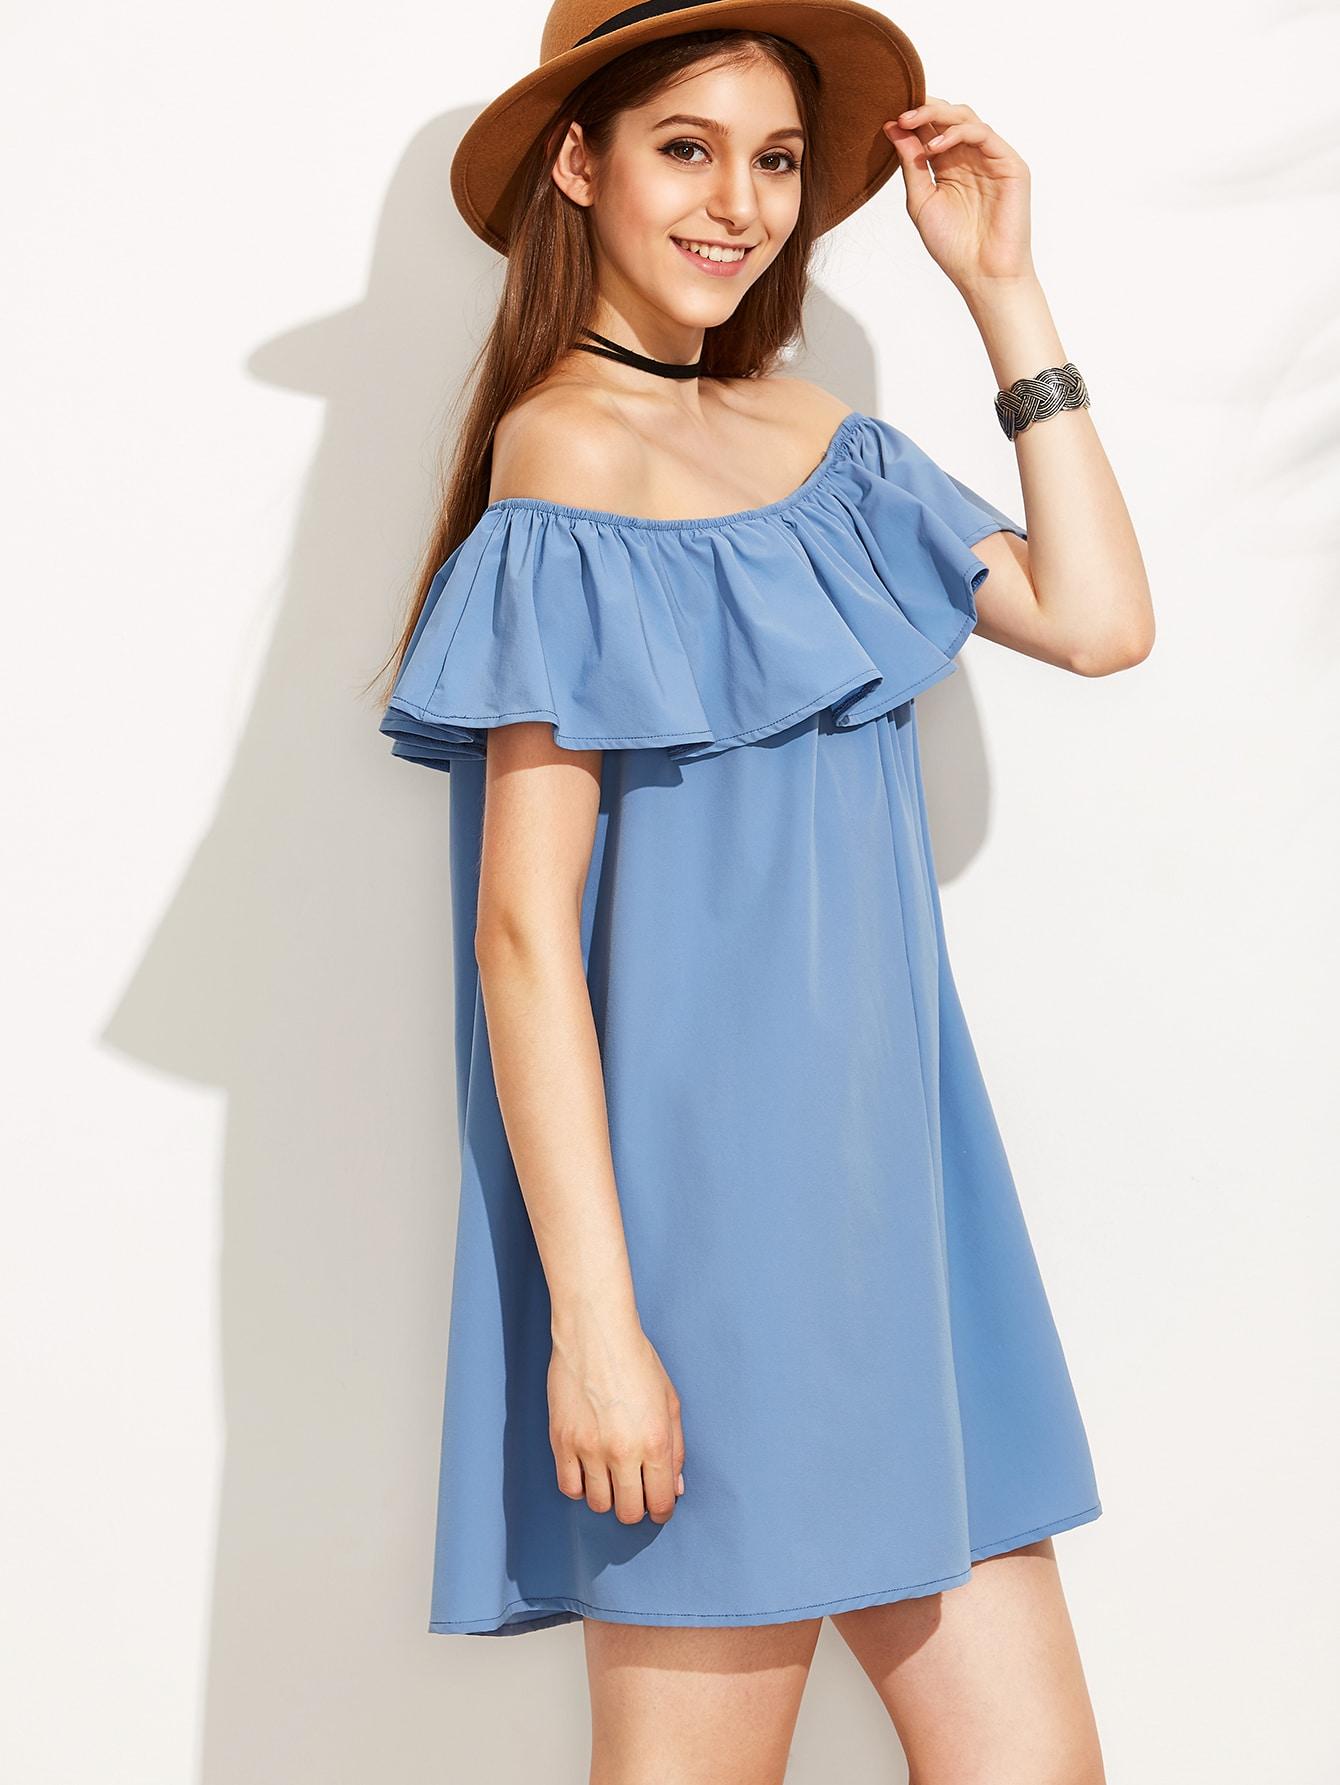 dress160801123_2